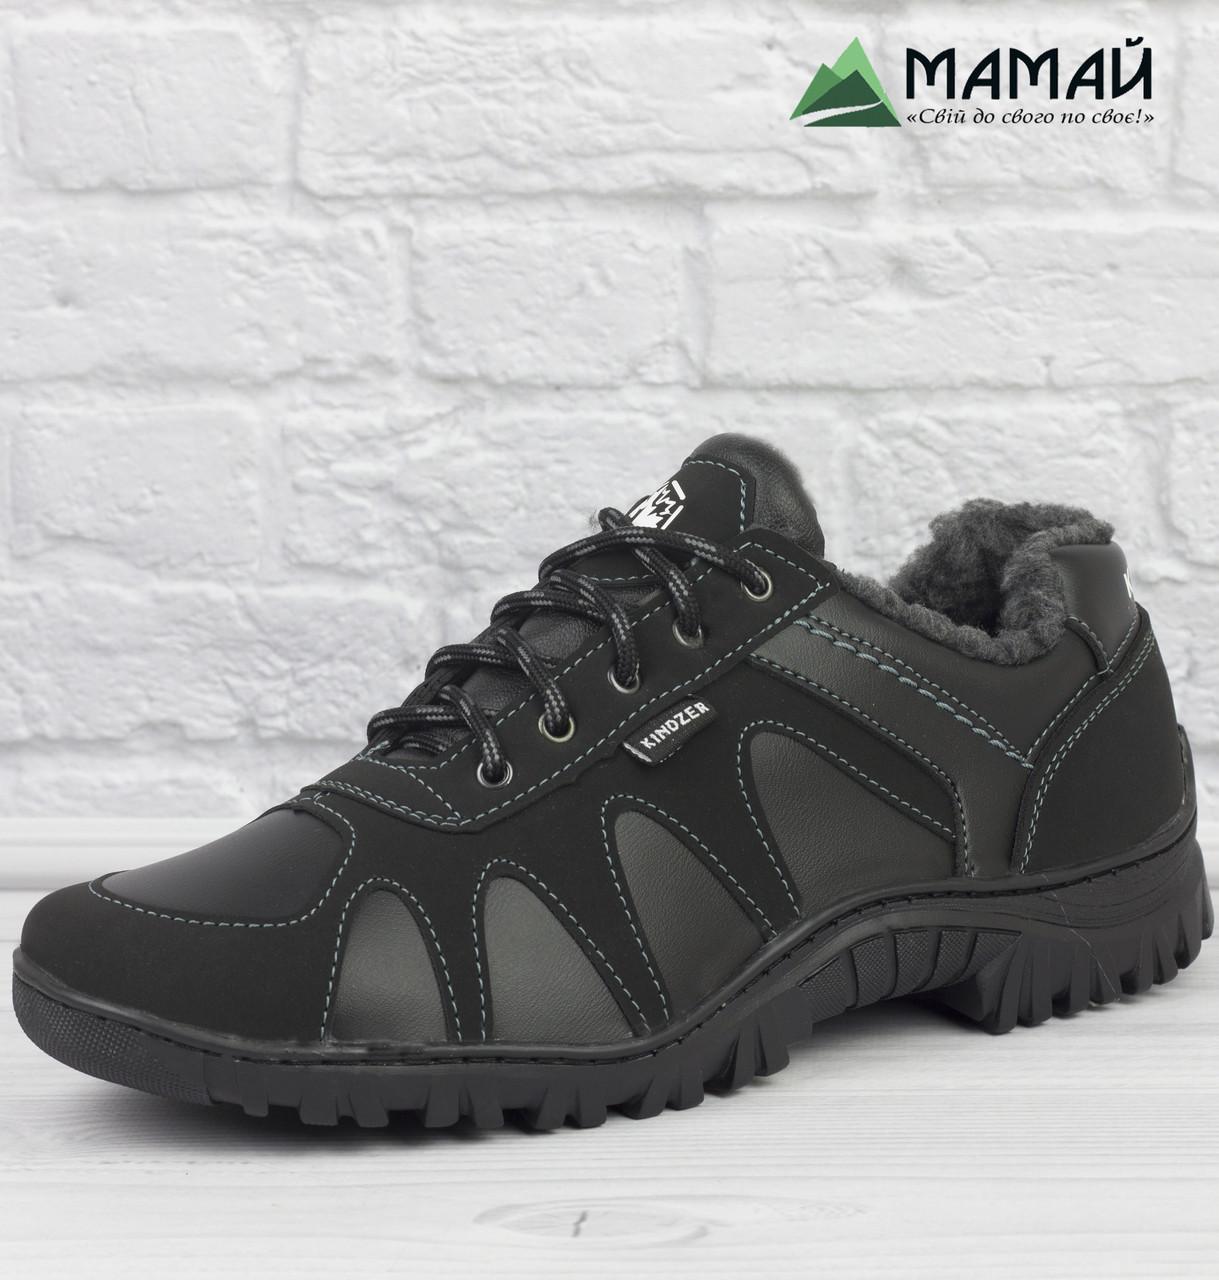 42р Кросівки чоловічі зимові черевики -20 °C